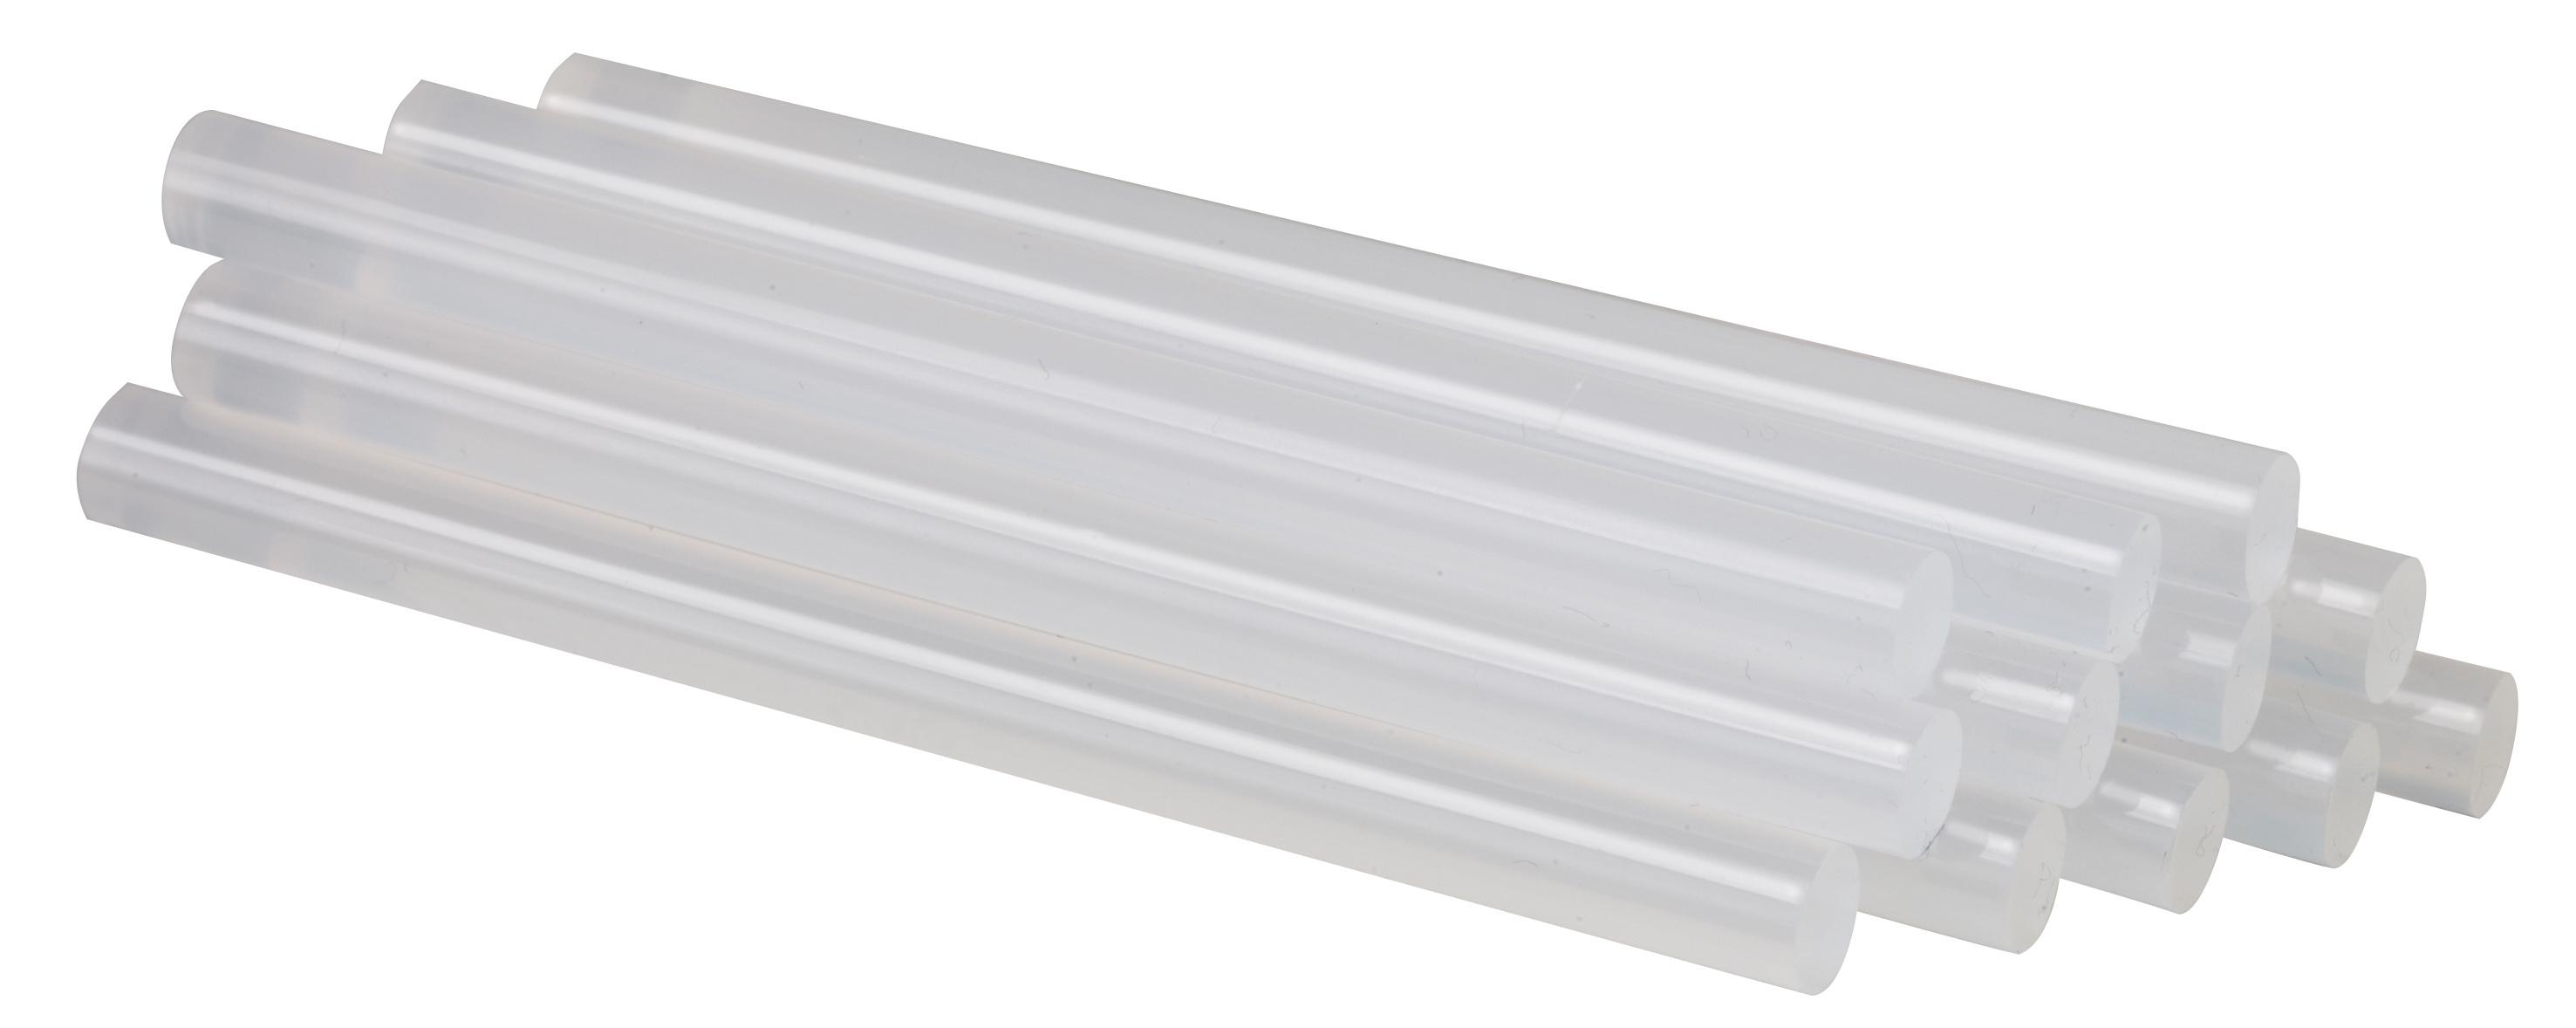 Bâtons de colle pour HKP, 7 mm, 12 pièces | PROXXON